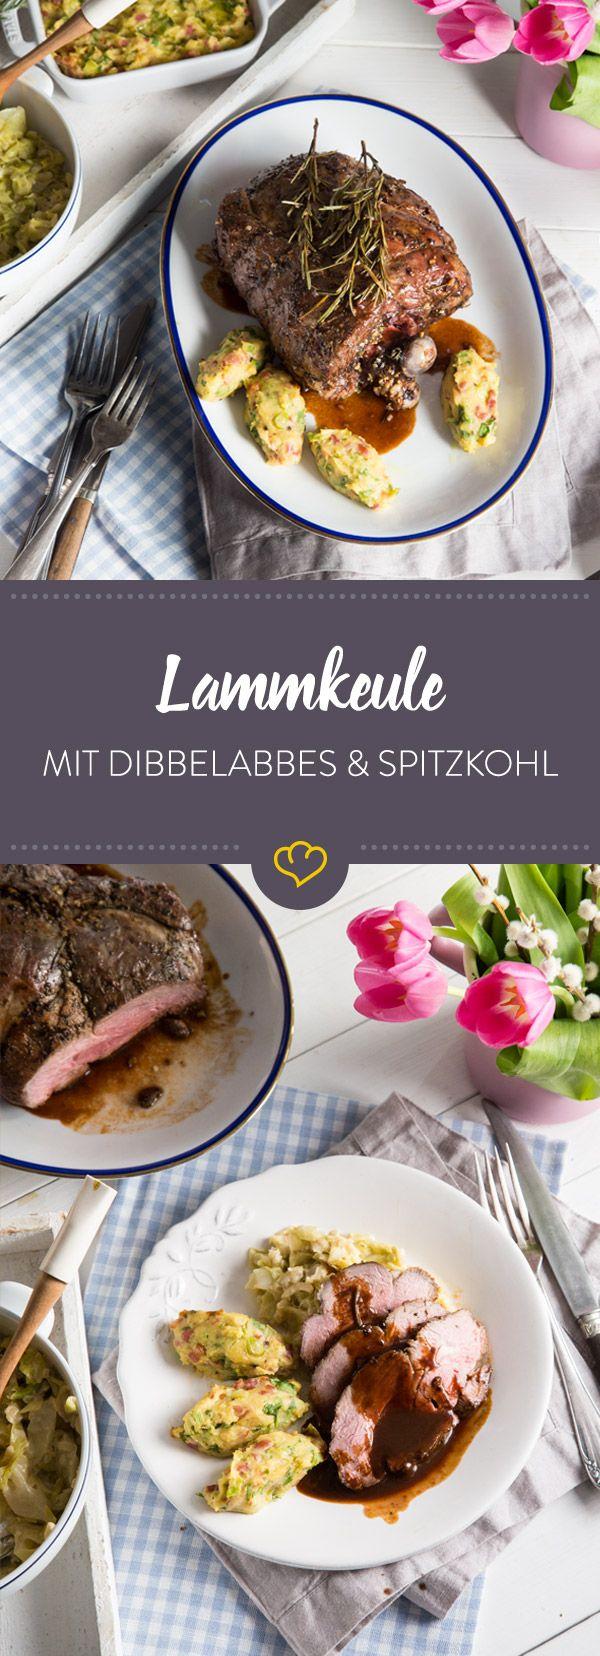 Du suchst noch ein Rezept für Ostern? Wie wäre es mit einer saftigen Lammkeule, westfälischen Dibbelabbes, cremigen Spitzkohl und einer Rotwein-Reduktion?